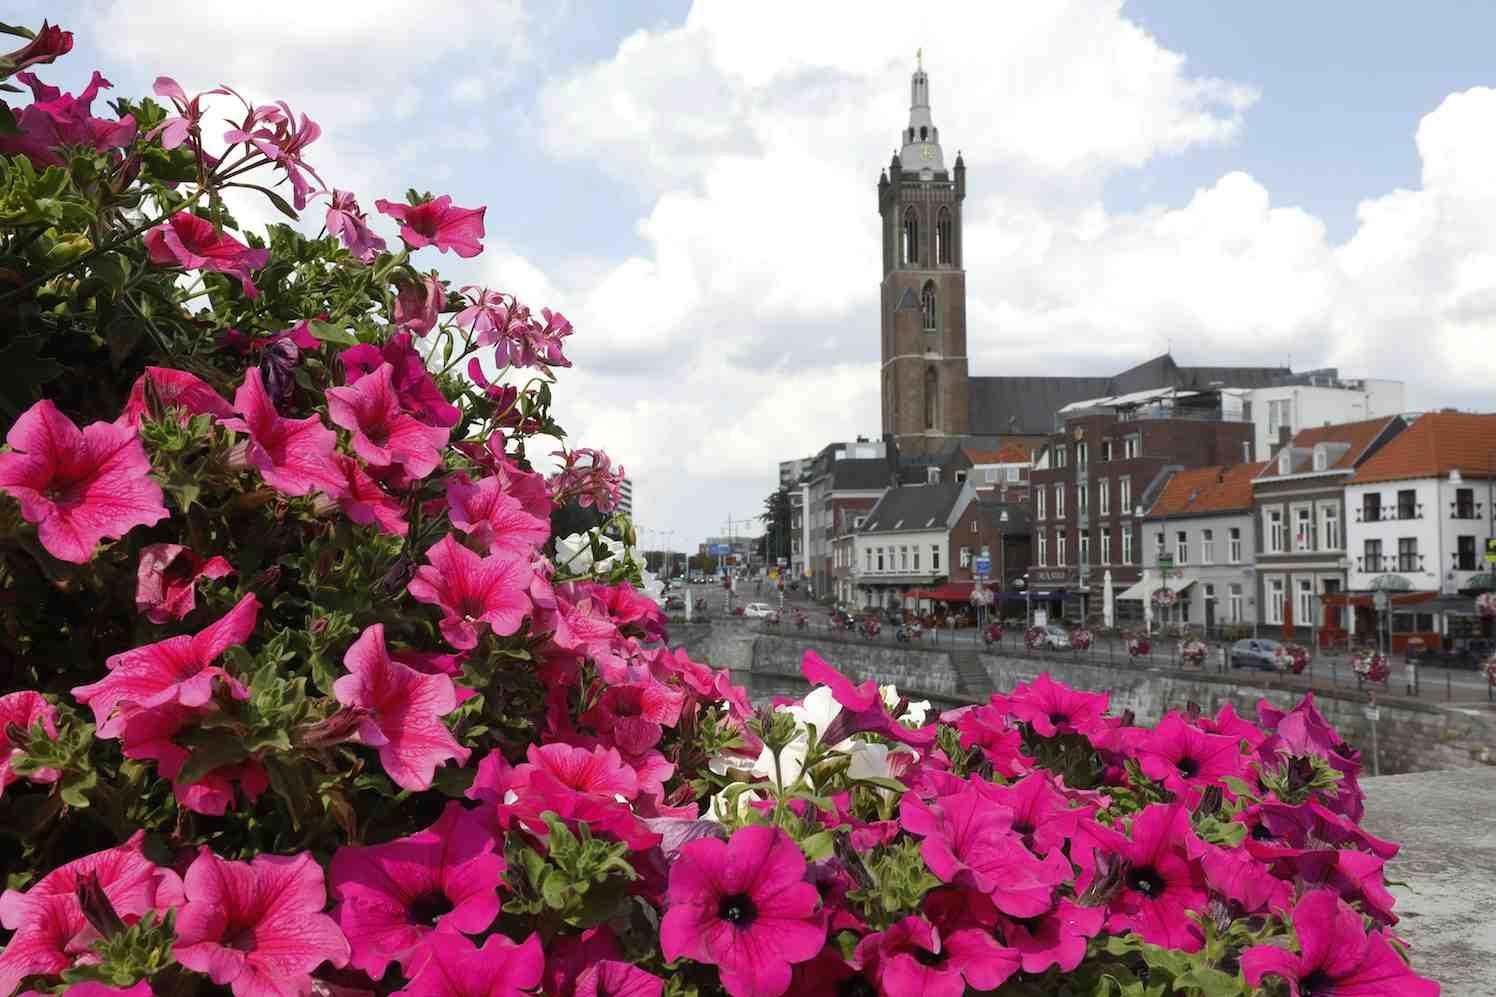 Zomerbloei zorgt voor positief imago Roermond